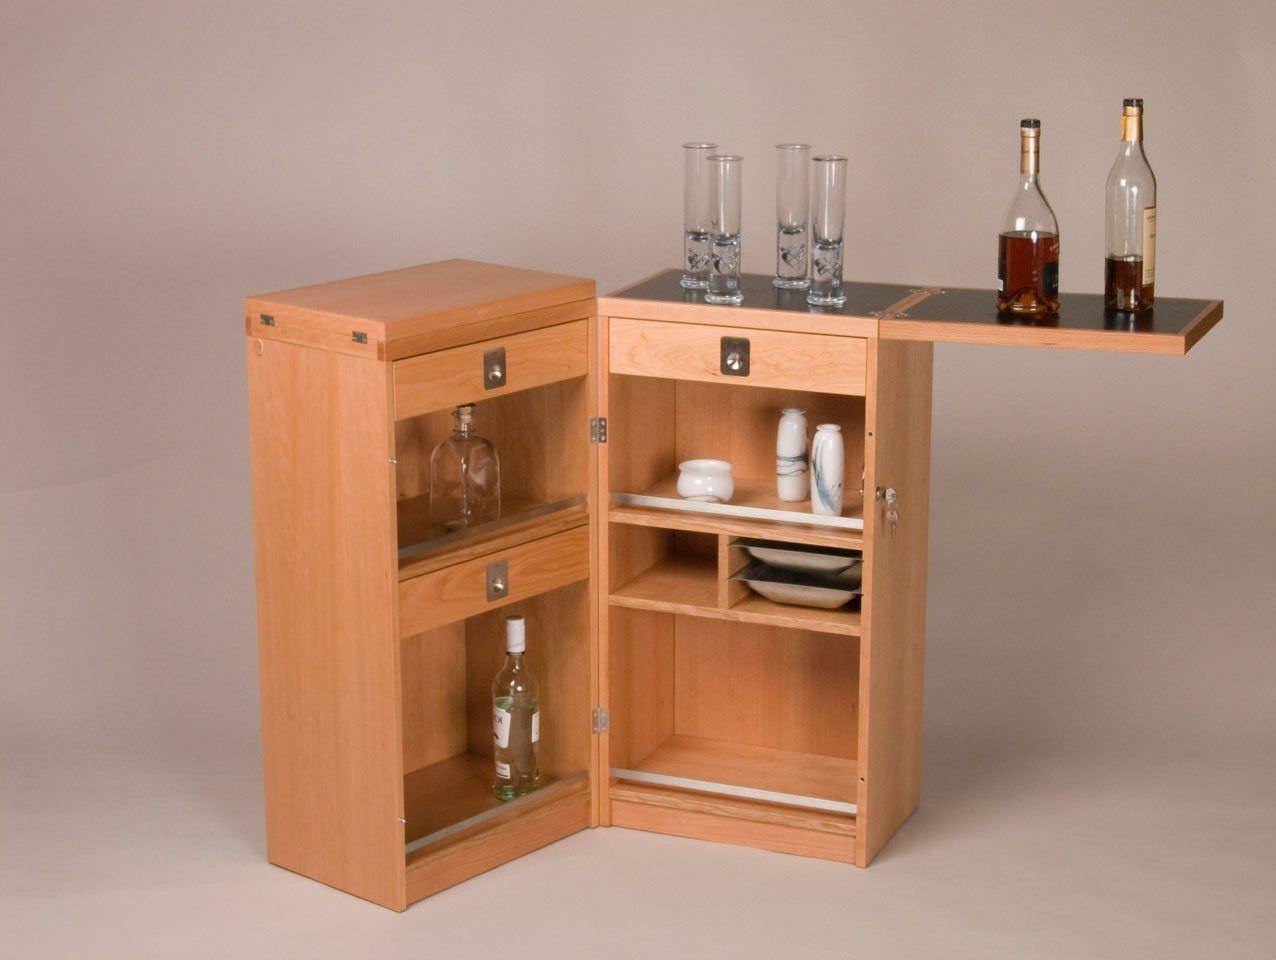 Mueble Bar Moderno De Madera 7712 Dyrlund # Muebles Sencillos De Madera